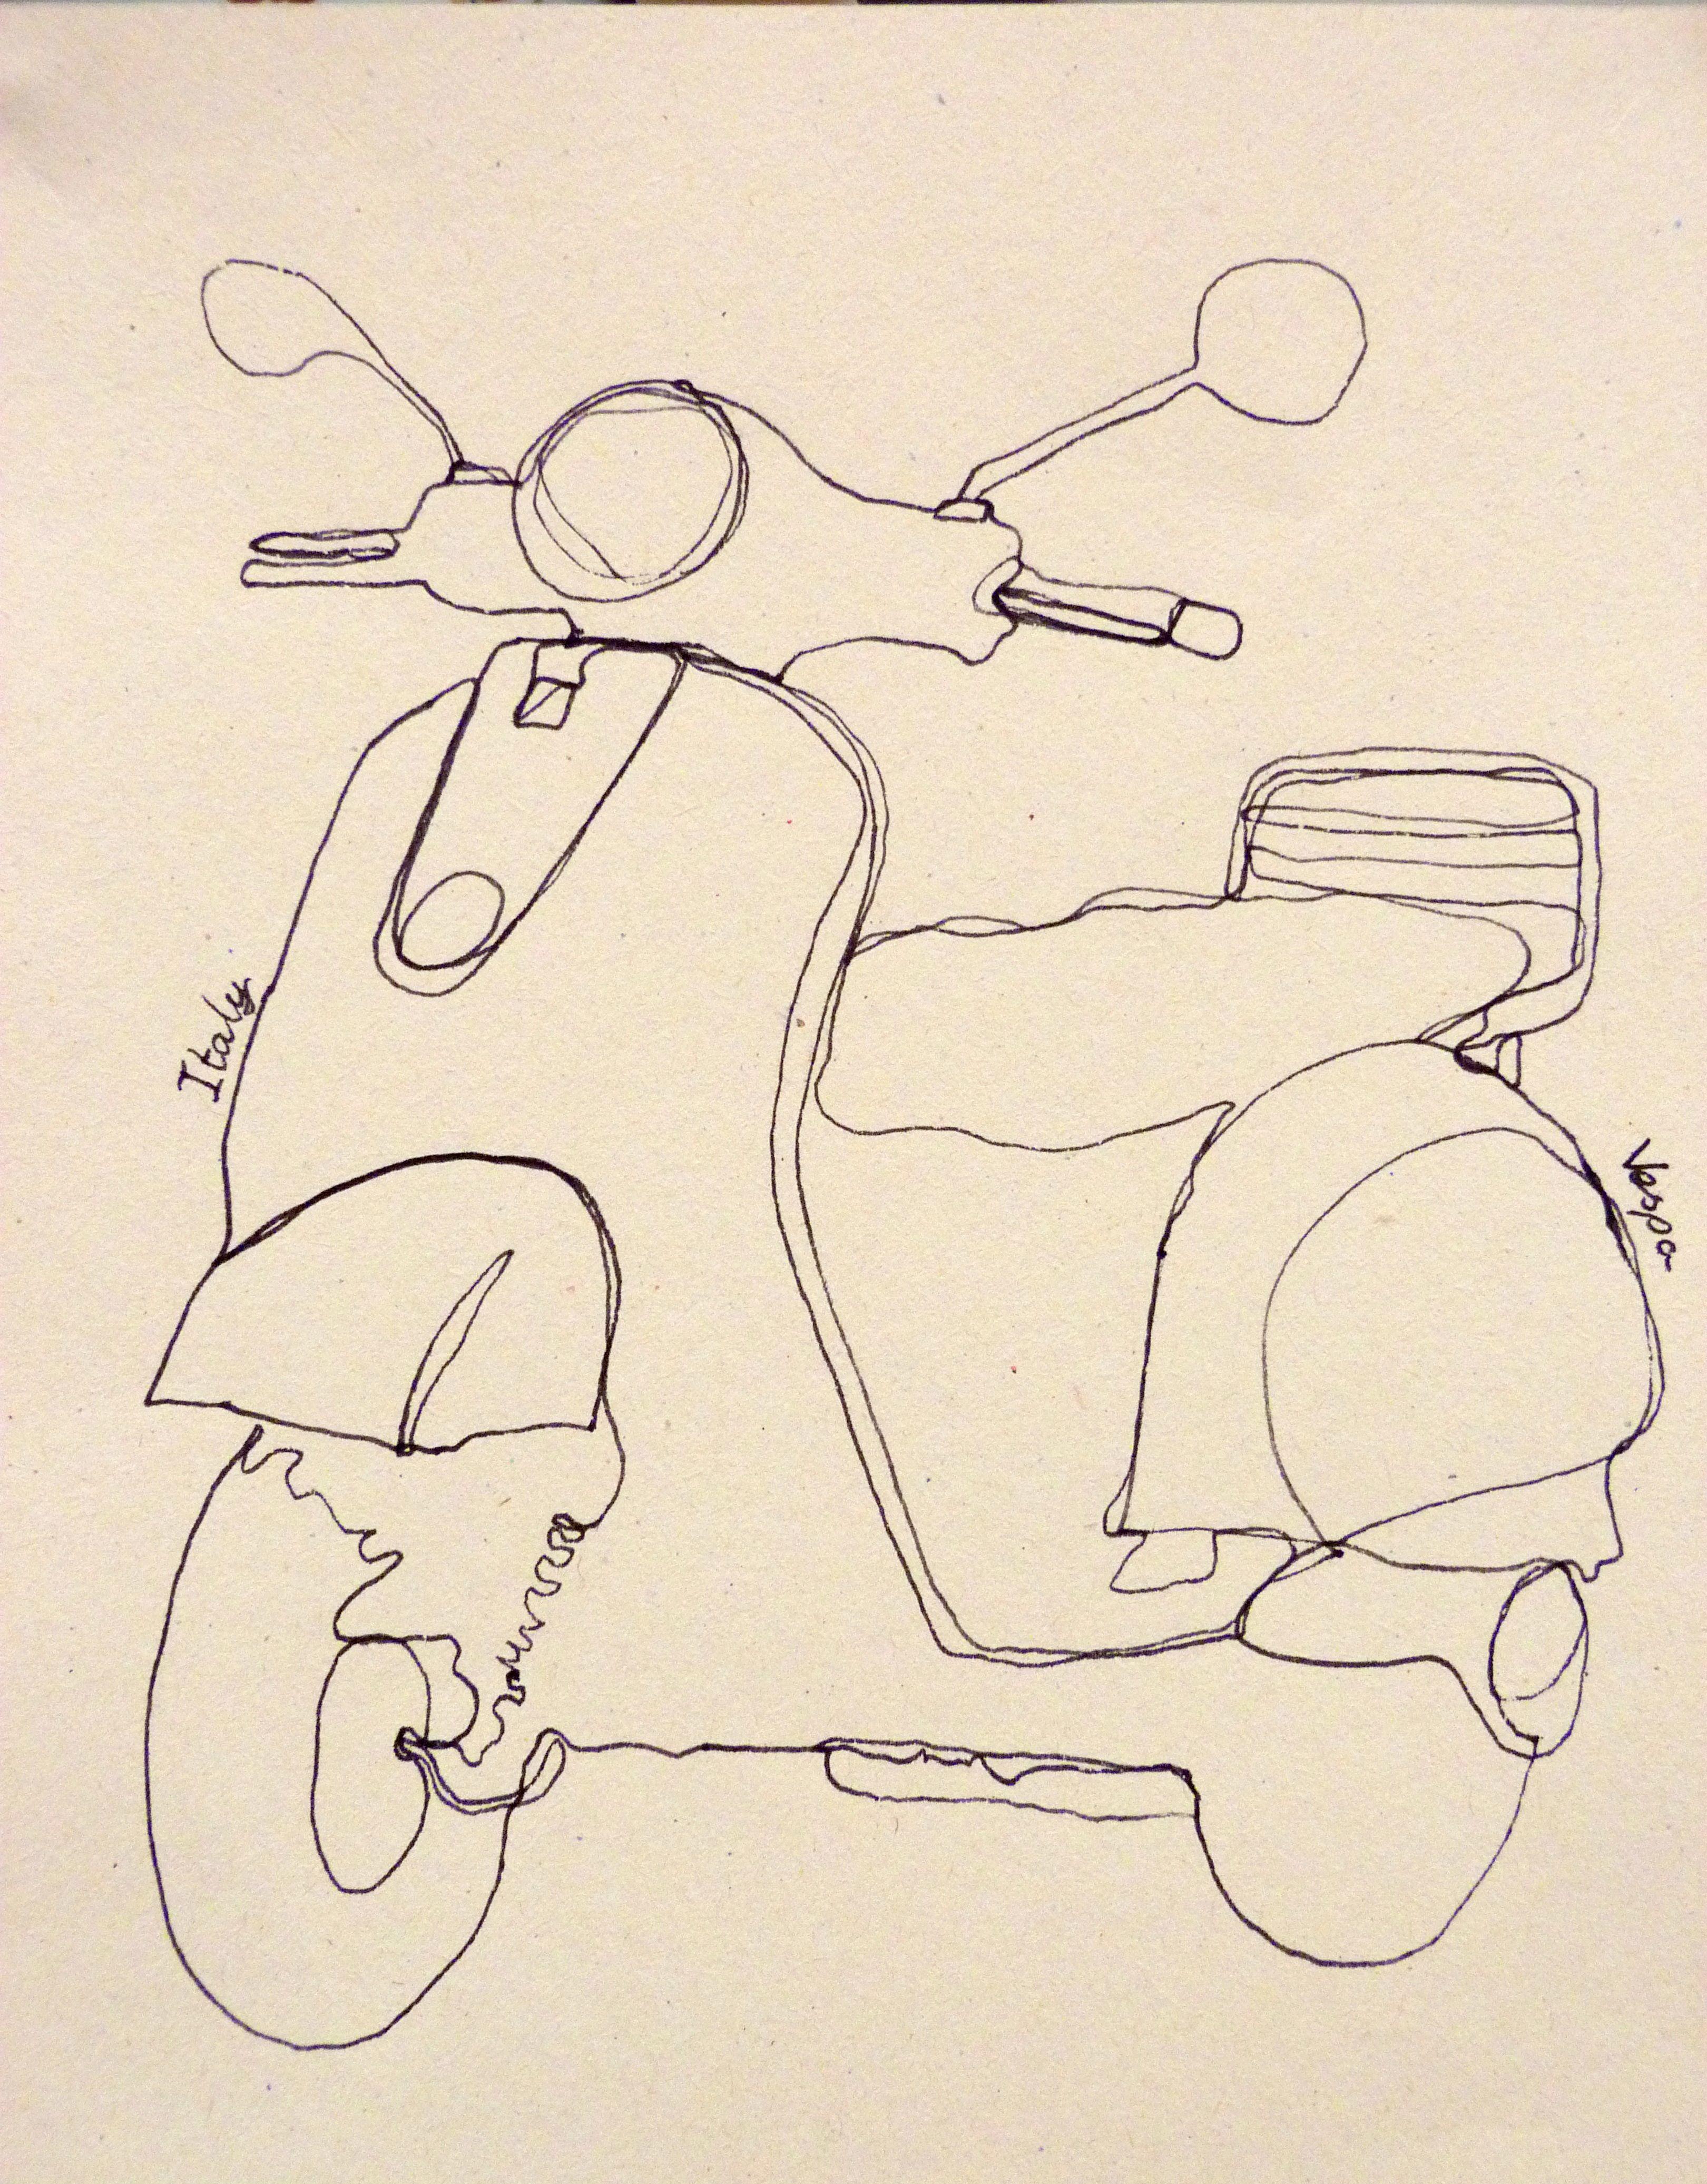 Continuous Line Drawing Desenhos De Contorno Ideias Para